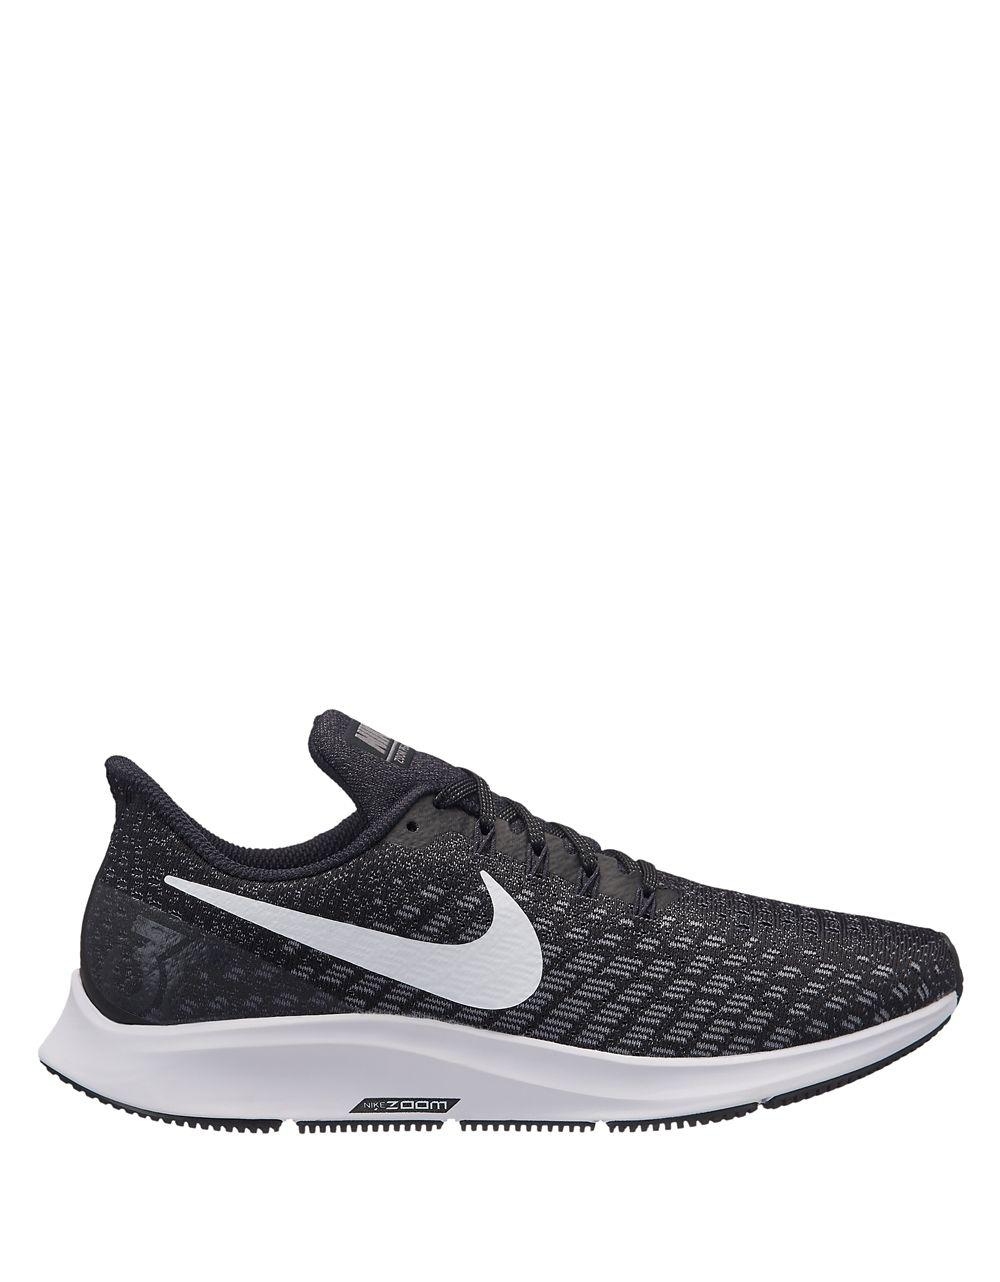 ee2304ac4745 Lyst - Nike Air Zoom Pegasus 35 in Black